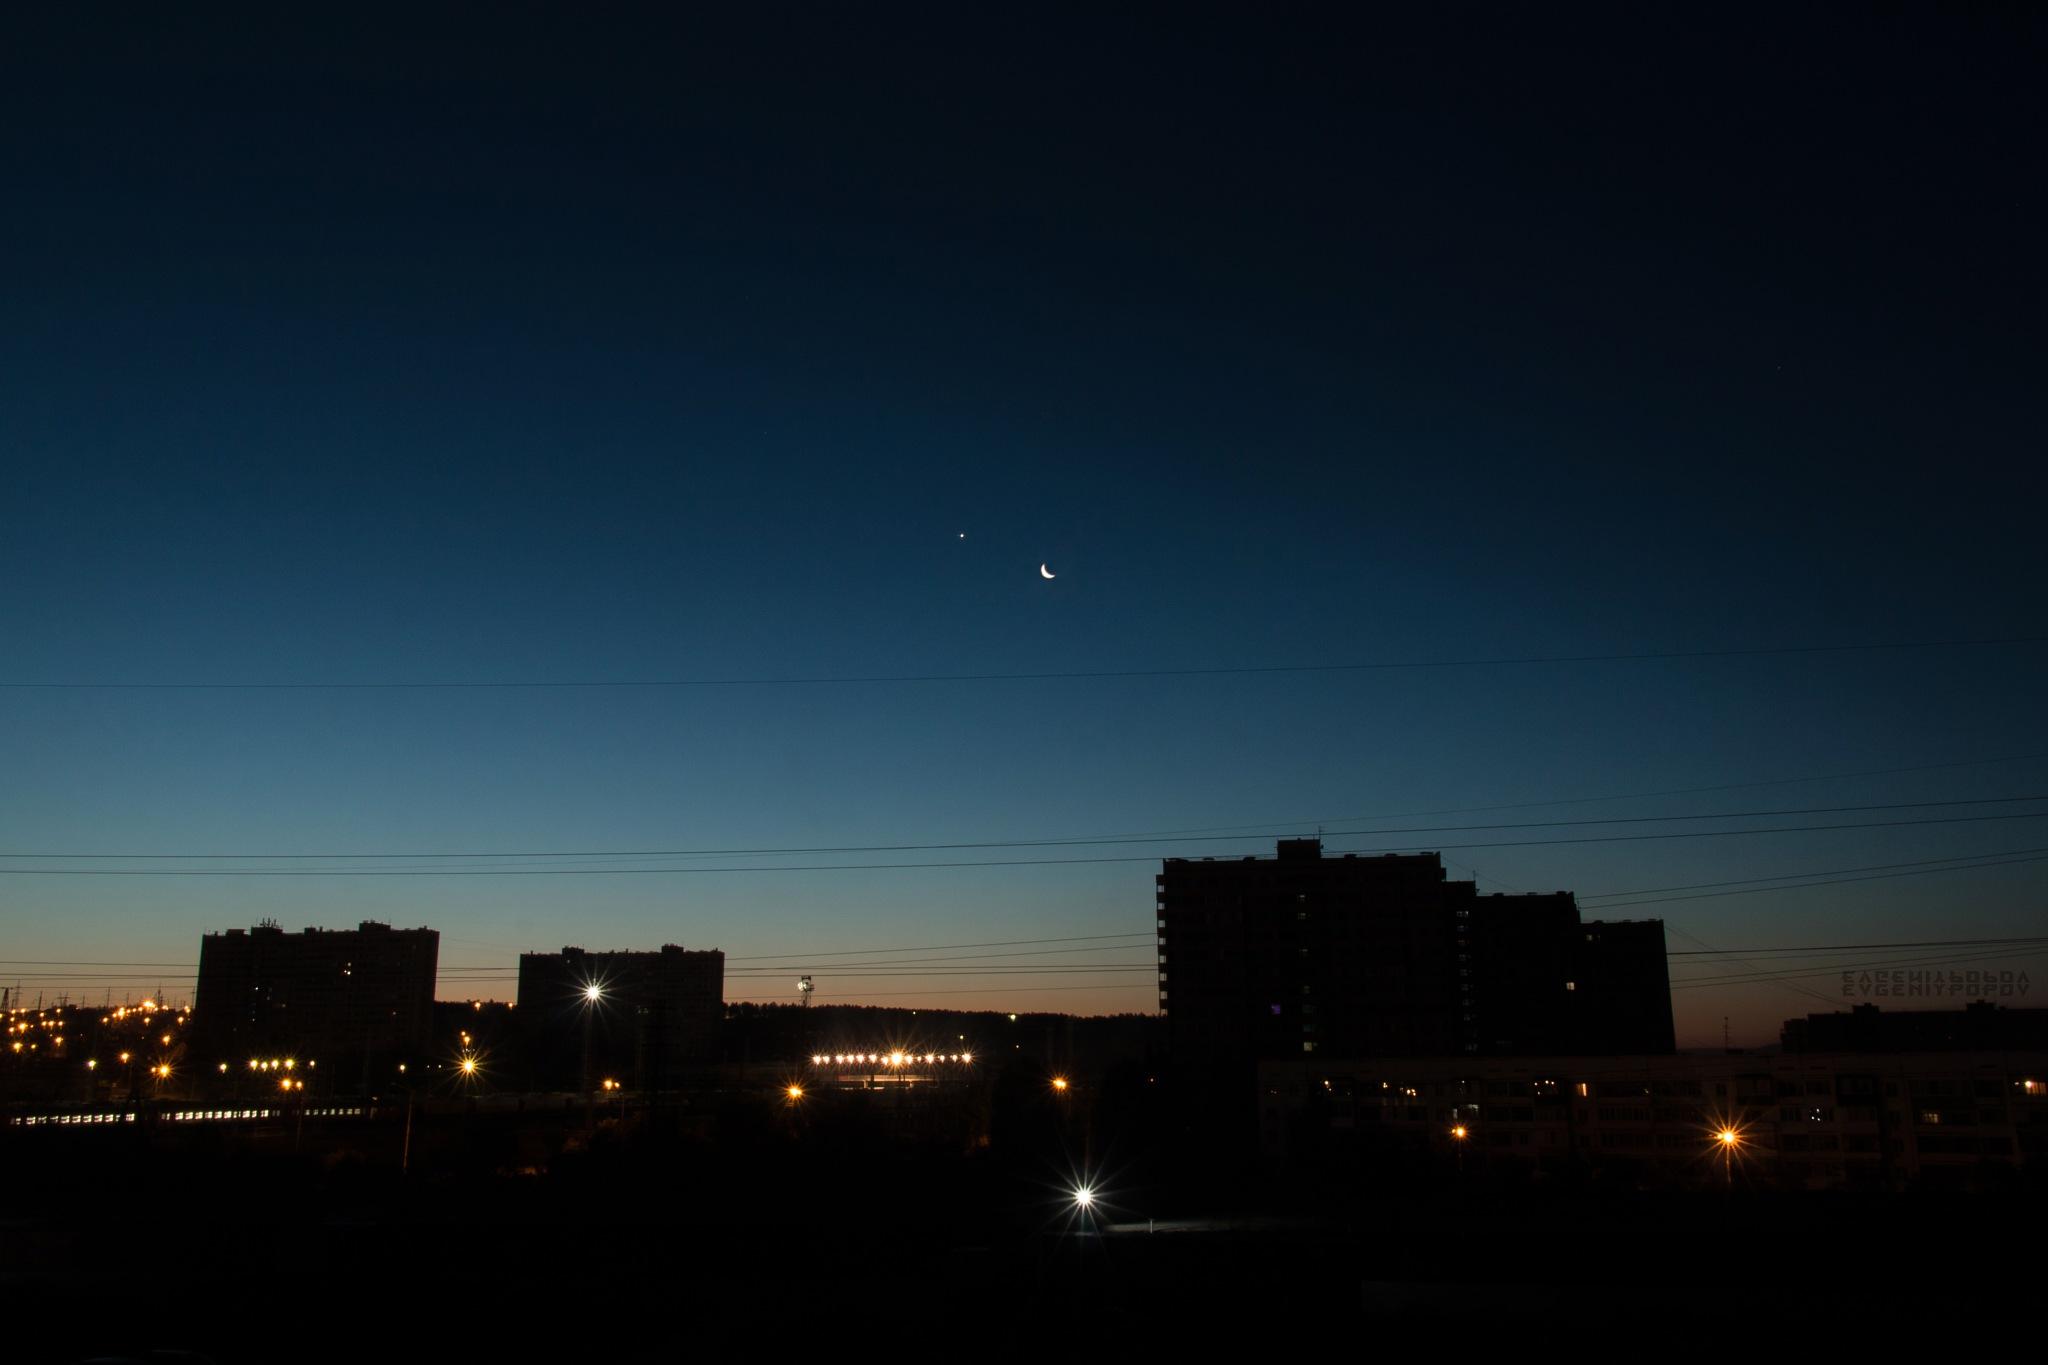 Dawn by EVGENIY POPOV